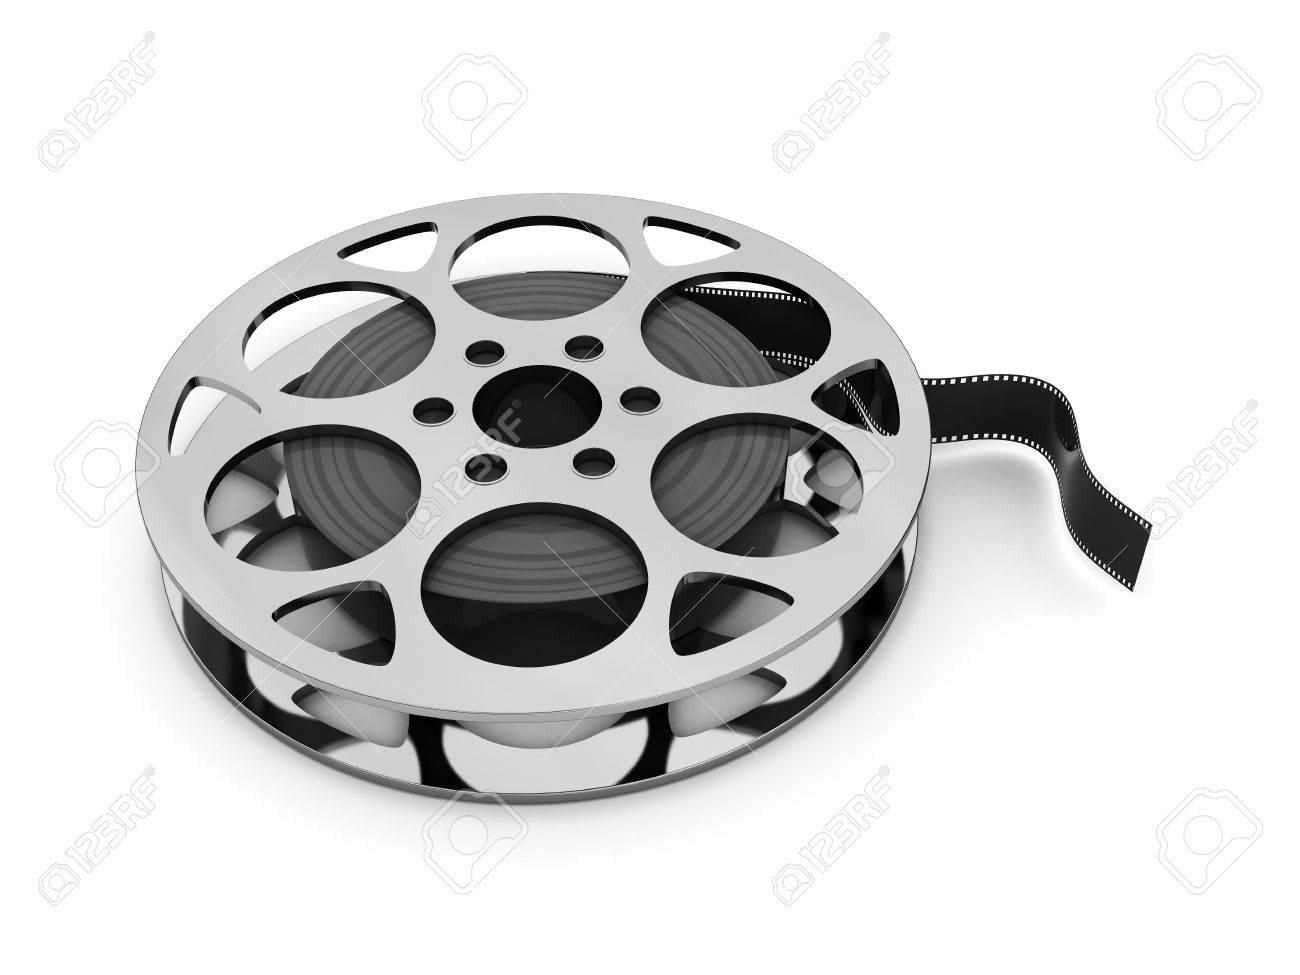 3d illustration of film reel over white background Stock Illustration - 5023090